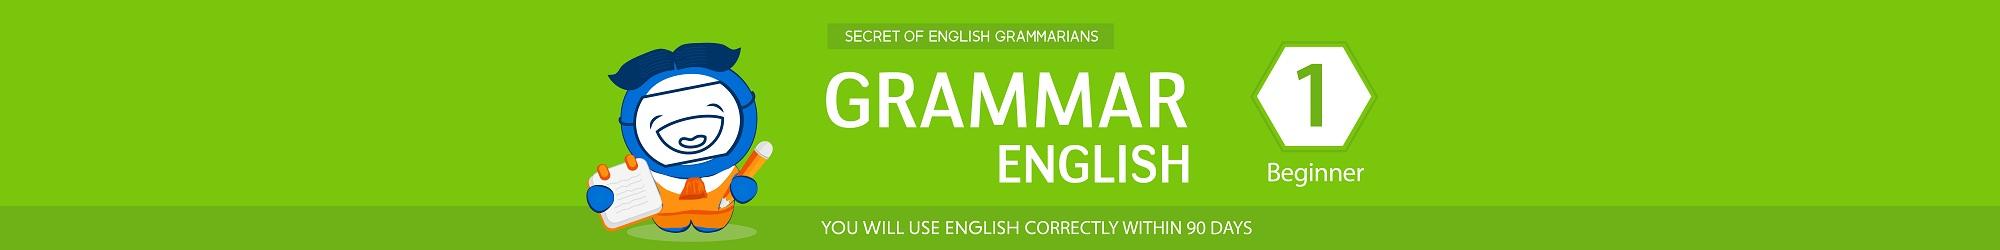 BASIC GRAMMAR banner